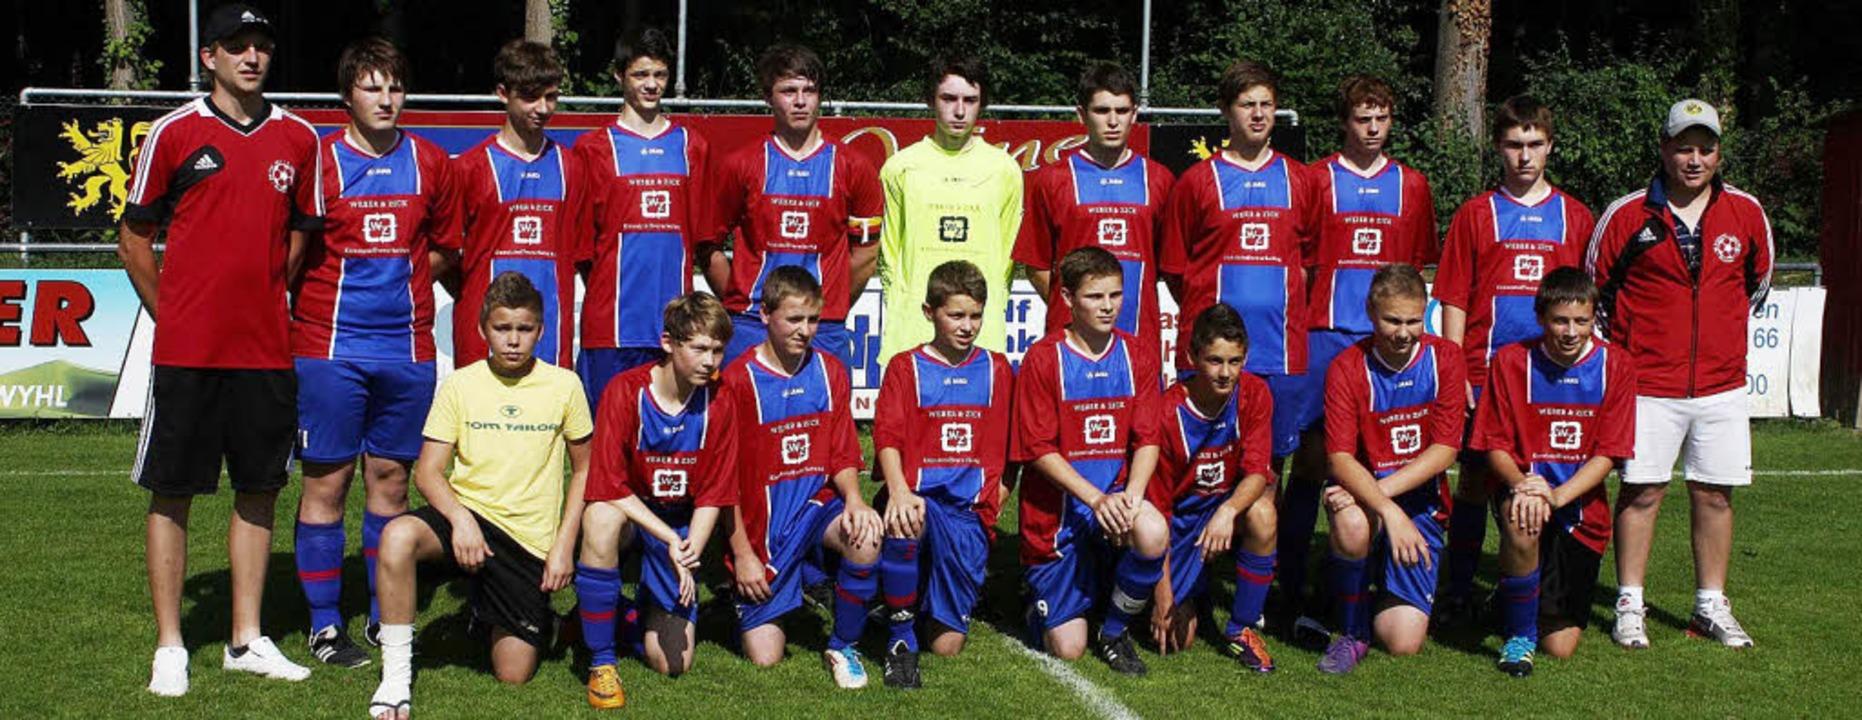 Sasbach. Die Meistermannschaft die C-J...ter in der Kreisstaffel I gworden ist.  | Foto: Roland Vitt